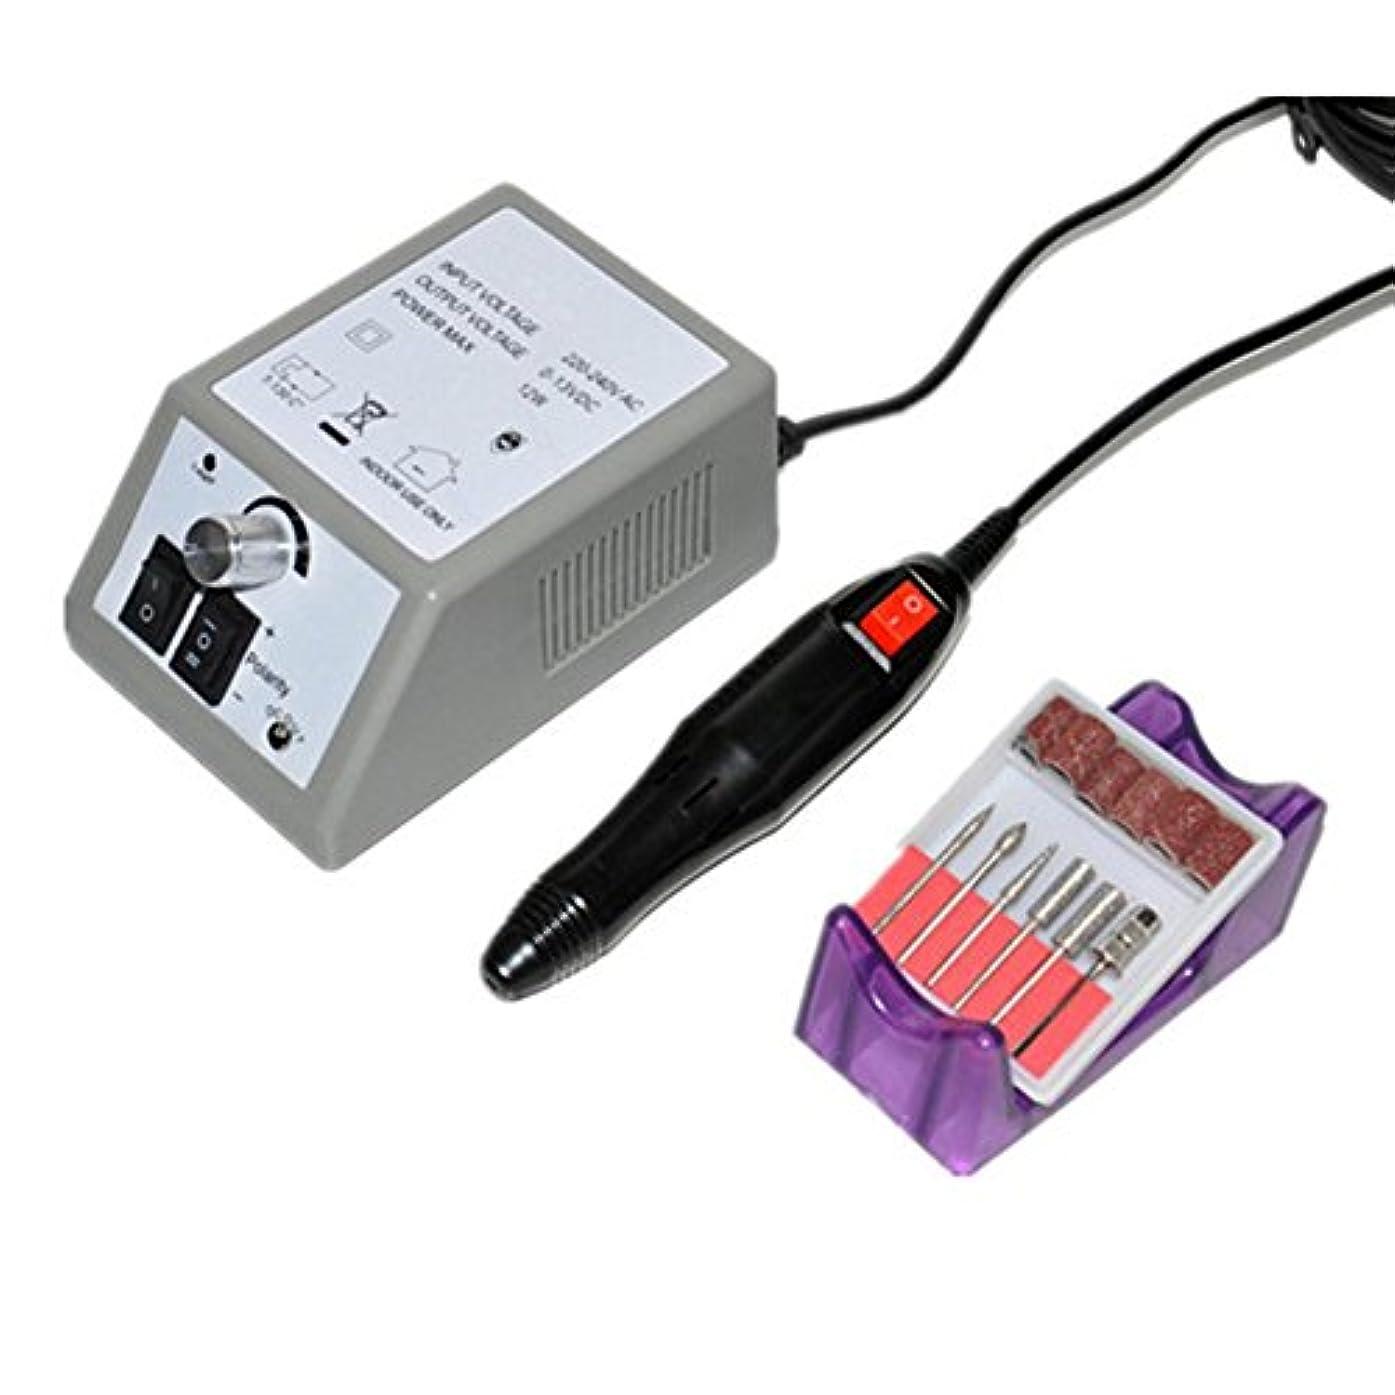 雨不透明なのLiebeye 電子 ネイル ドリル セット マニキュア ペディキュア 研削 バーニング マシン アート ファイルドリル ポリッシャー